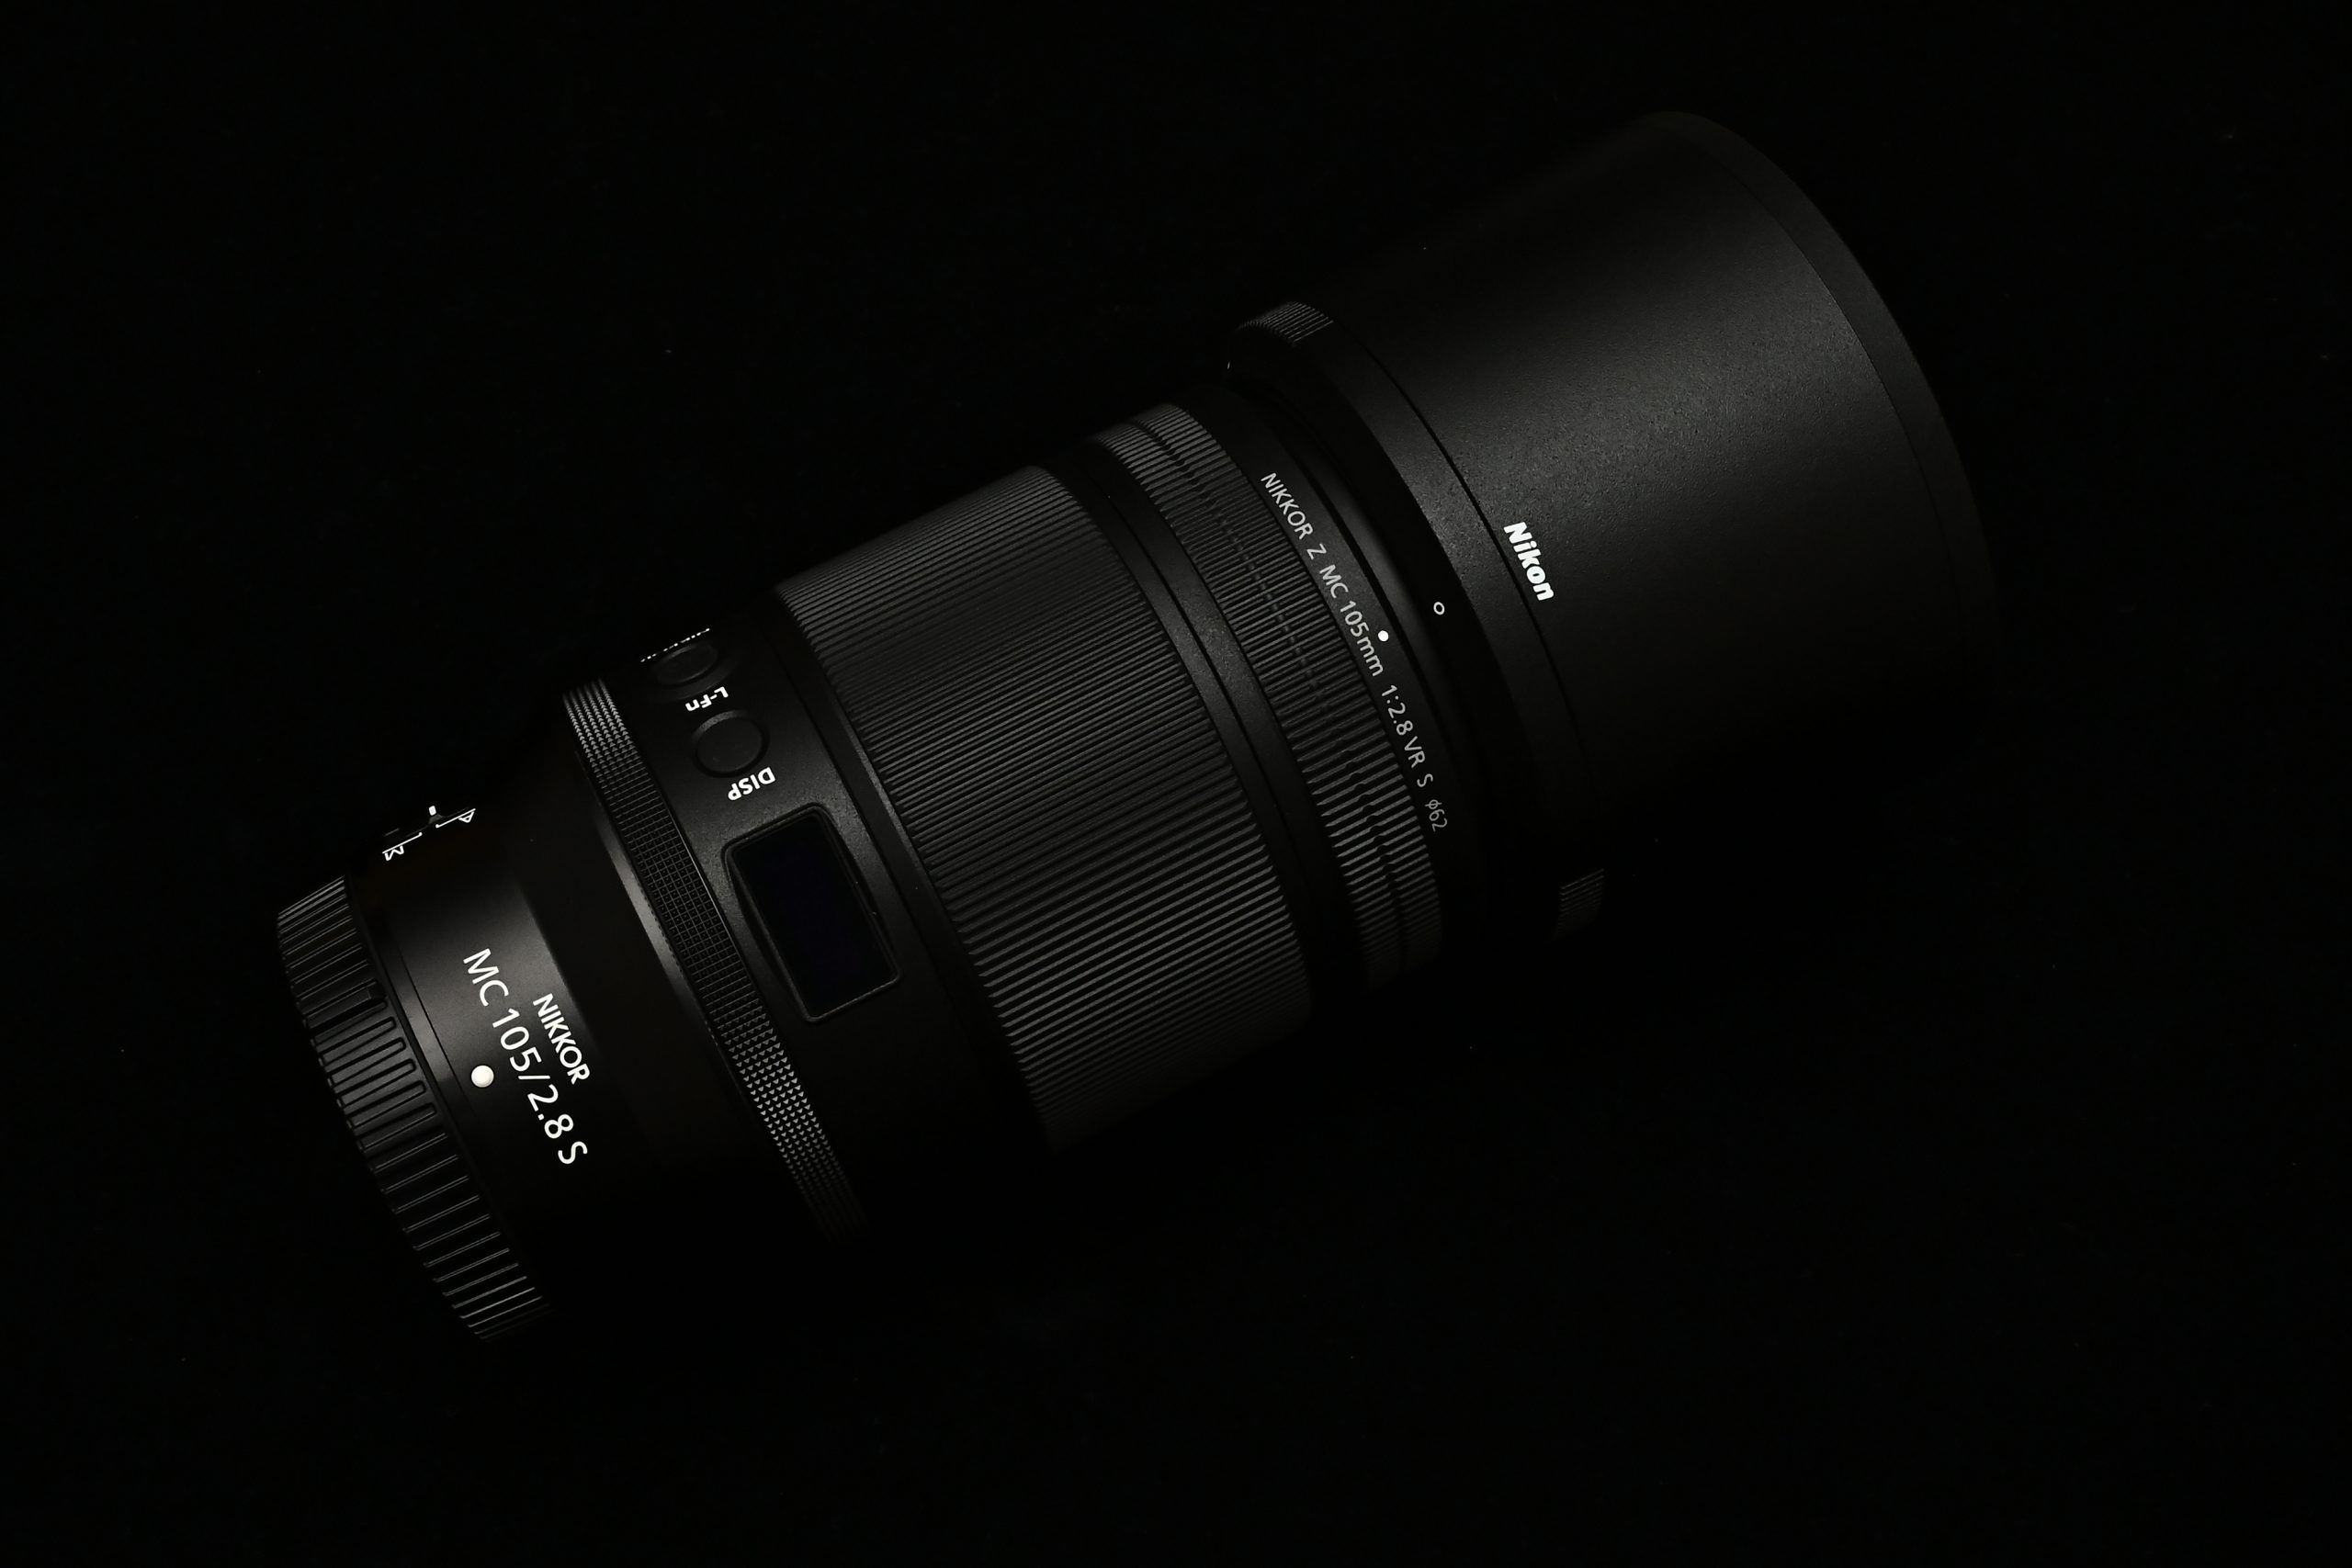 【Nikon】NIKKOR Z MC 105mm F2.8 VR S